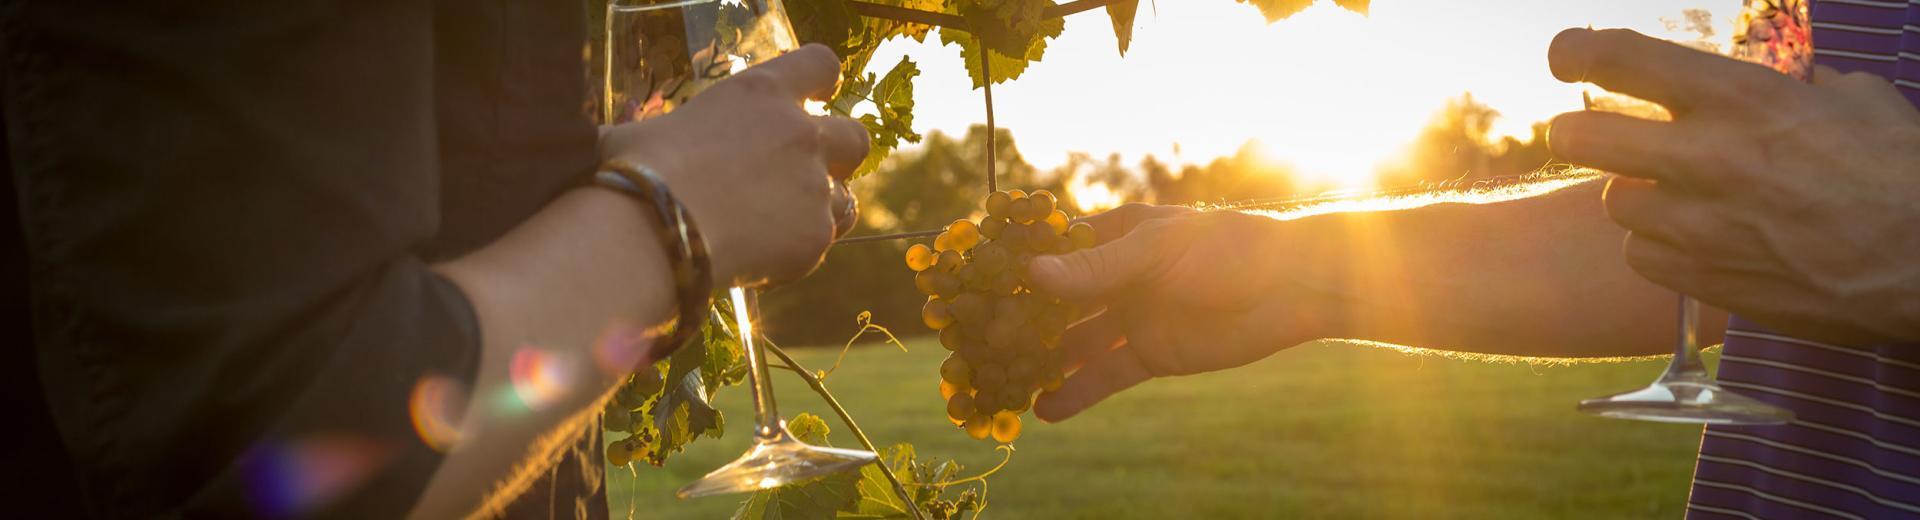 Two people drinking wine in Hershey vineyard